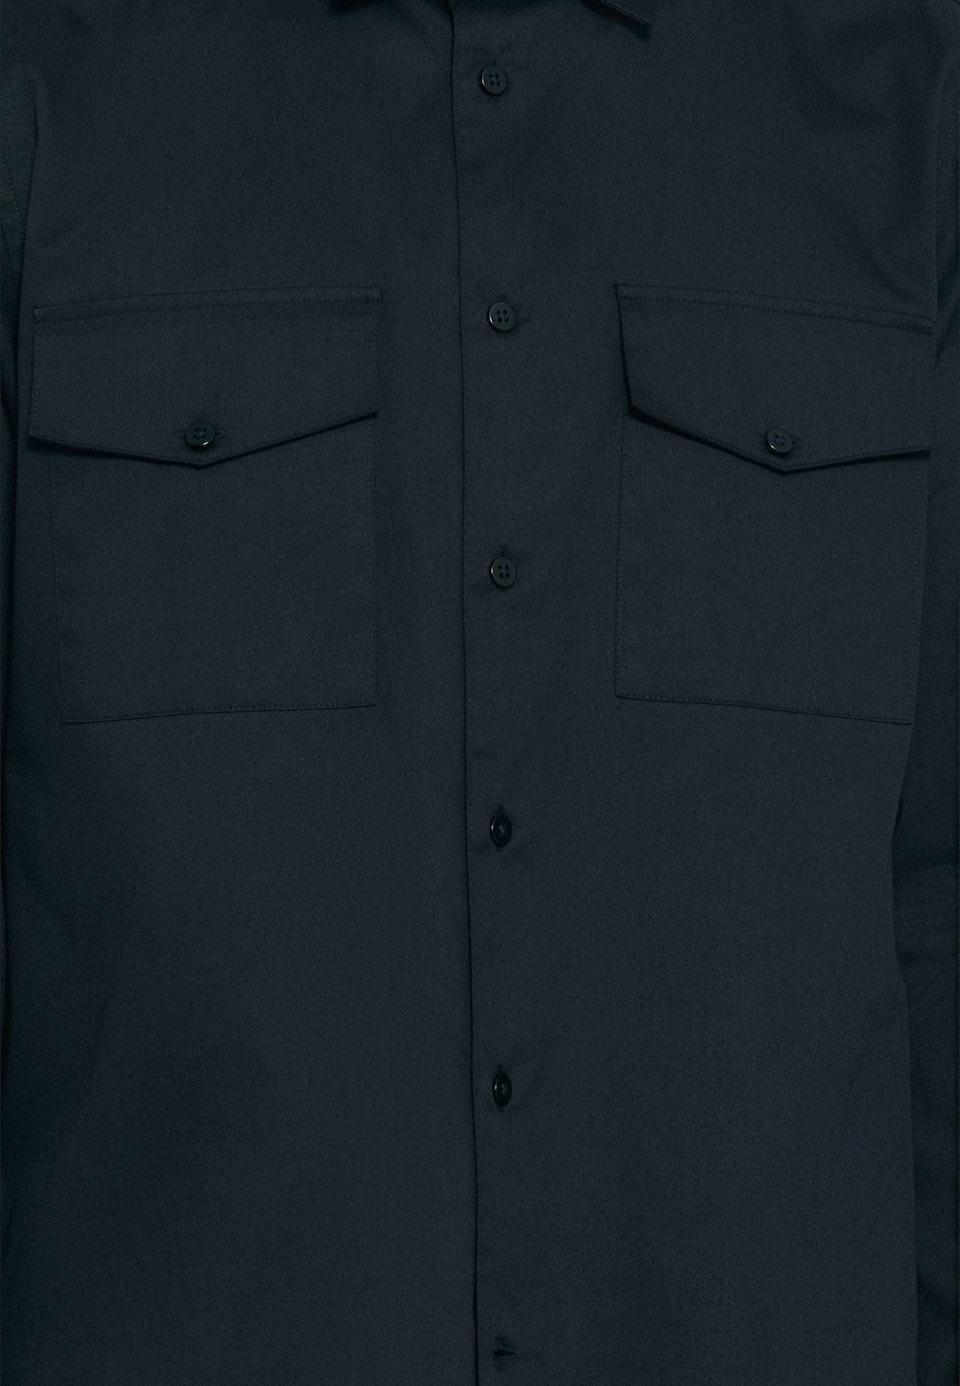 Twill Casual Hemd in Regular mit Kentkragen in Schwarz |  Seidensticker Onlineshop